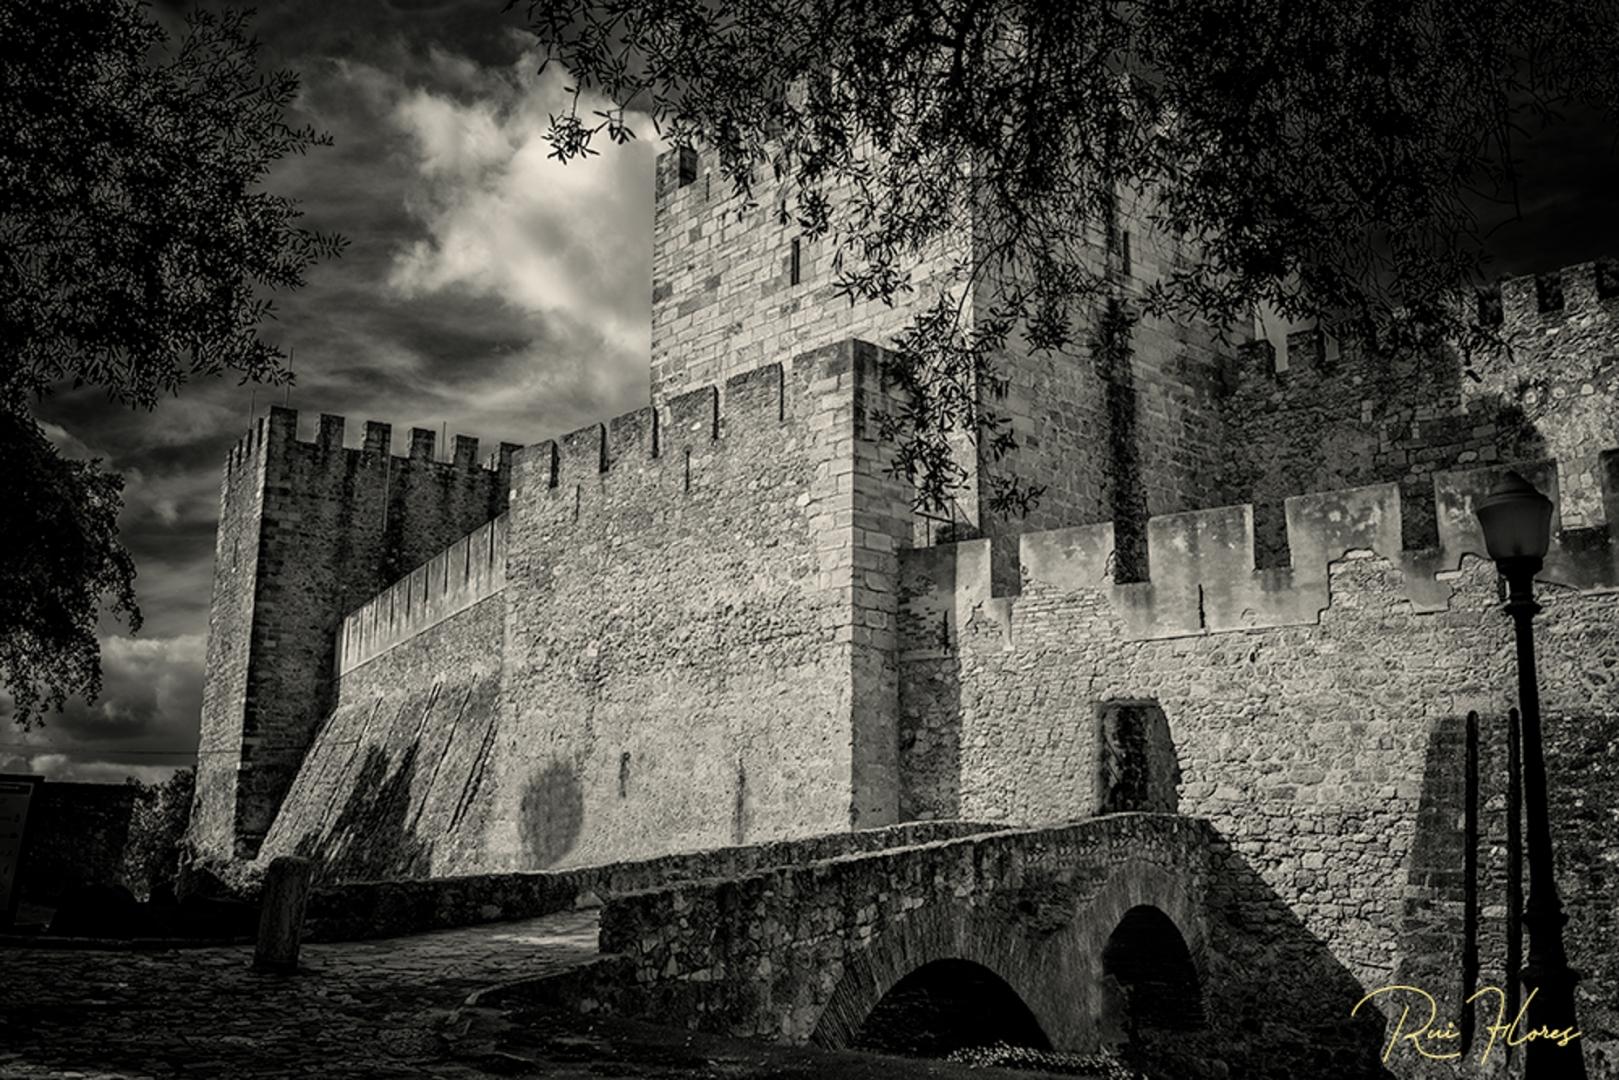 História/Ensaios a P&B #5 - O castelo